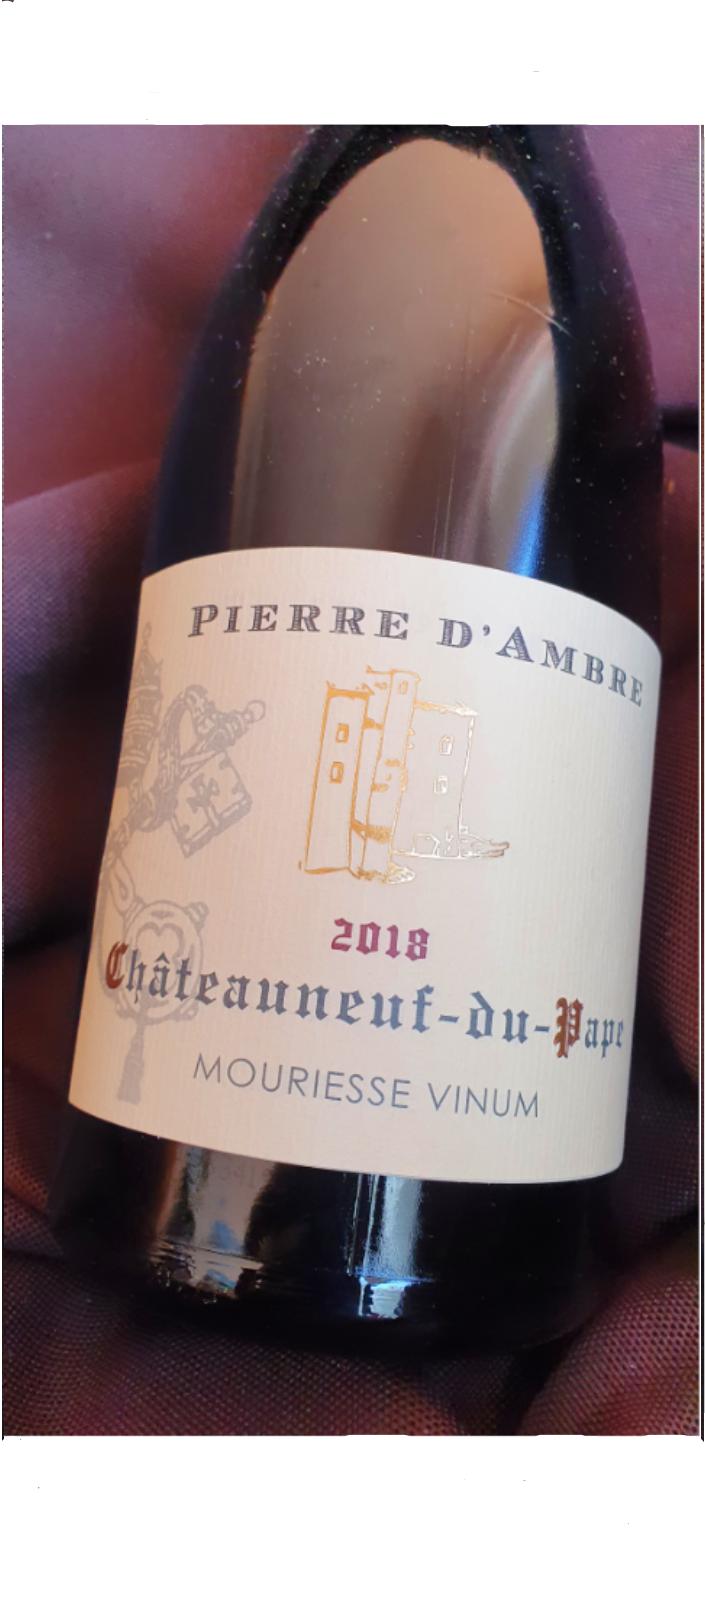 AOP  CHATEAUNEUF-DU-PAPE ( Cru) PIERRE D'AMBRE 2018 - 75 cl